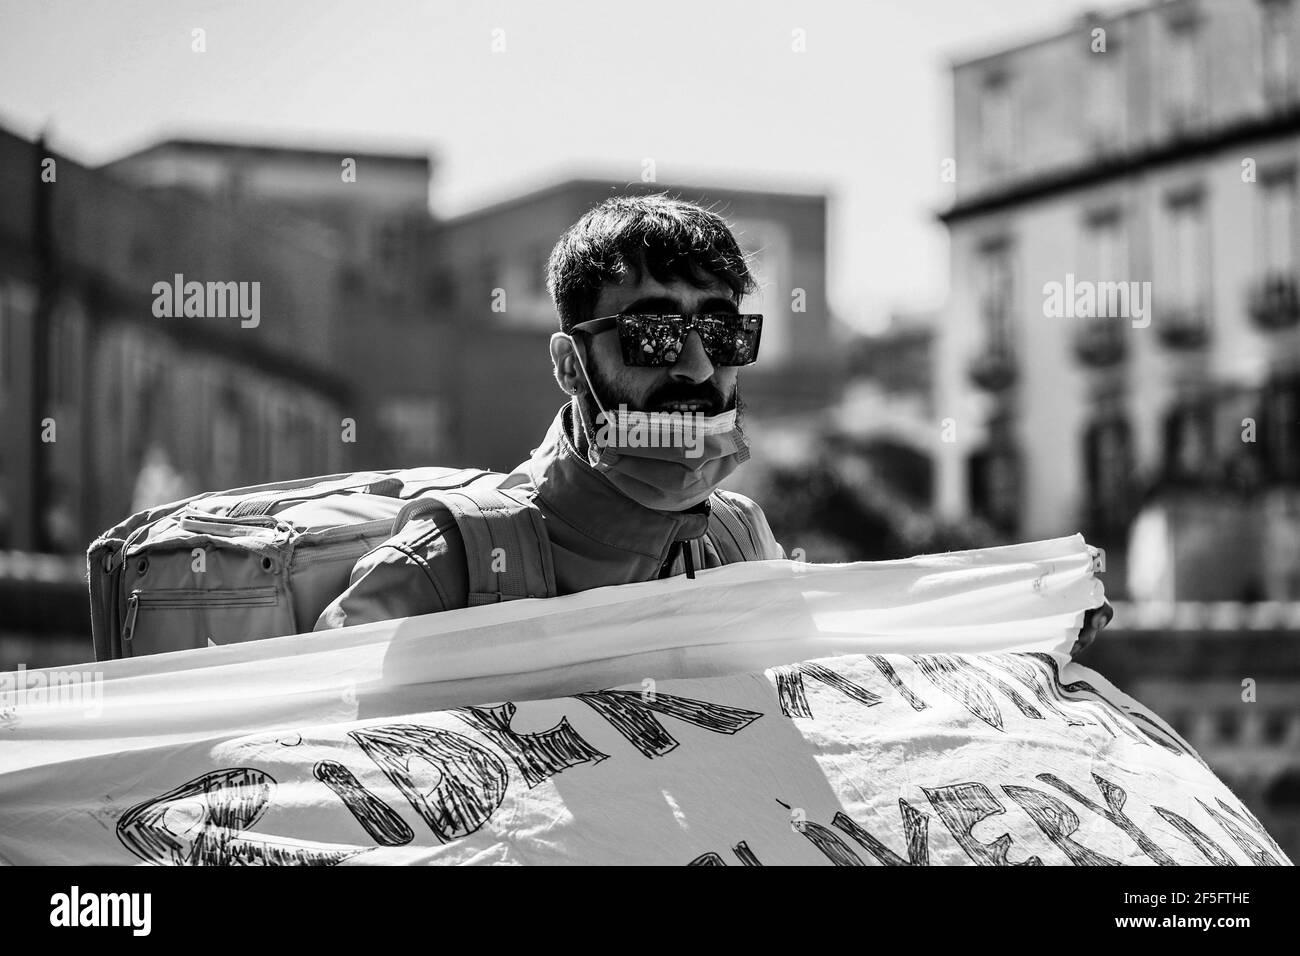 Nápoles, Campania, Italia. 25th de marzo de 2020. 26/03/2021 Nápoles, esta mañana los napolitanos tomaron las calles para protestar por más derechos de los trabajadores. Crédito: Fabio Sasso/ZUMA Wire/Alamy Live News Foto de stock